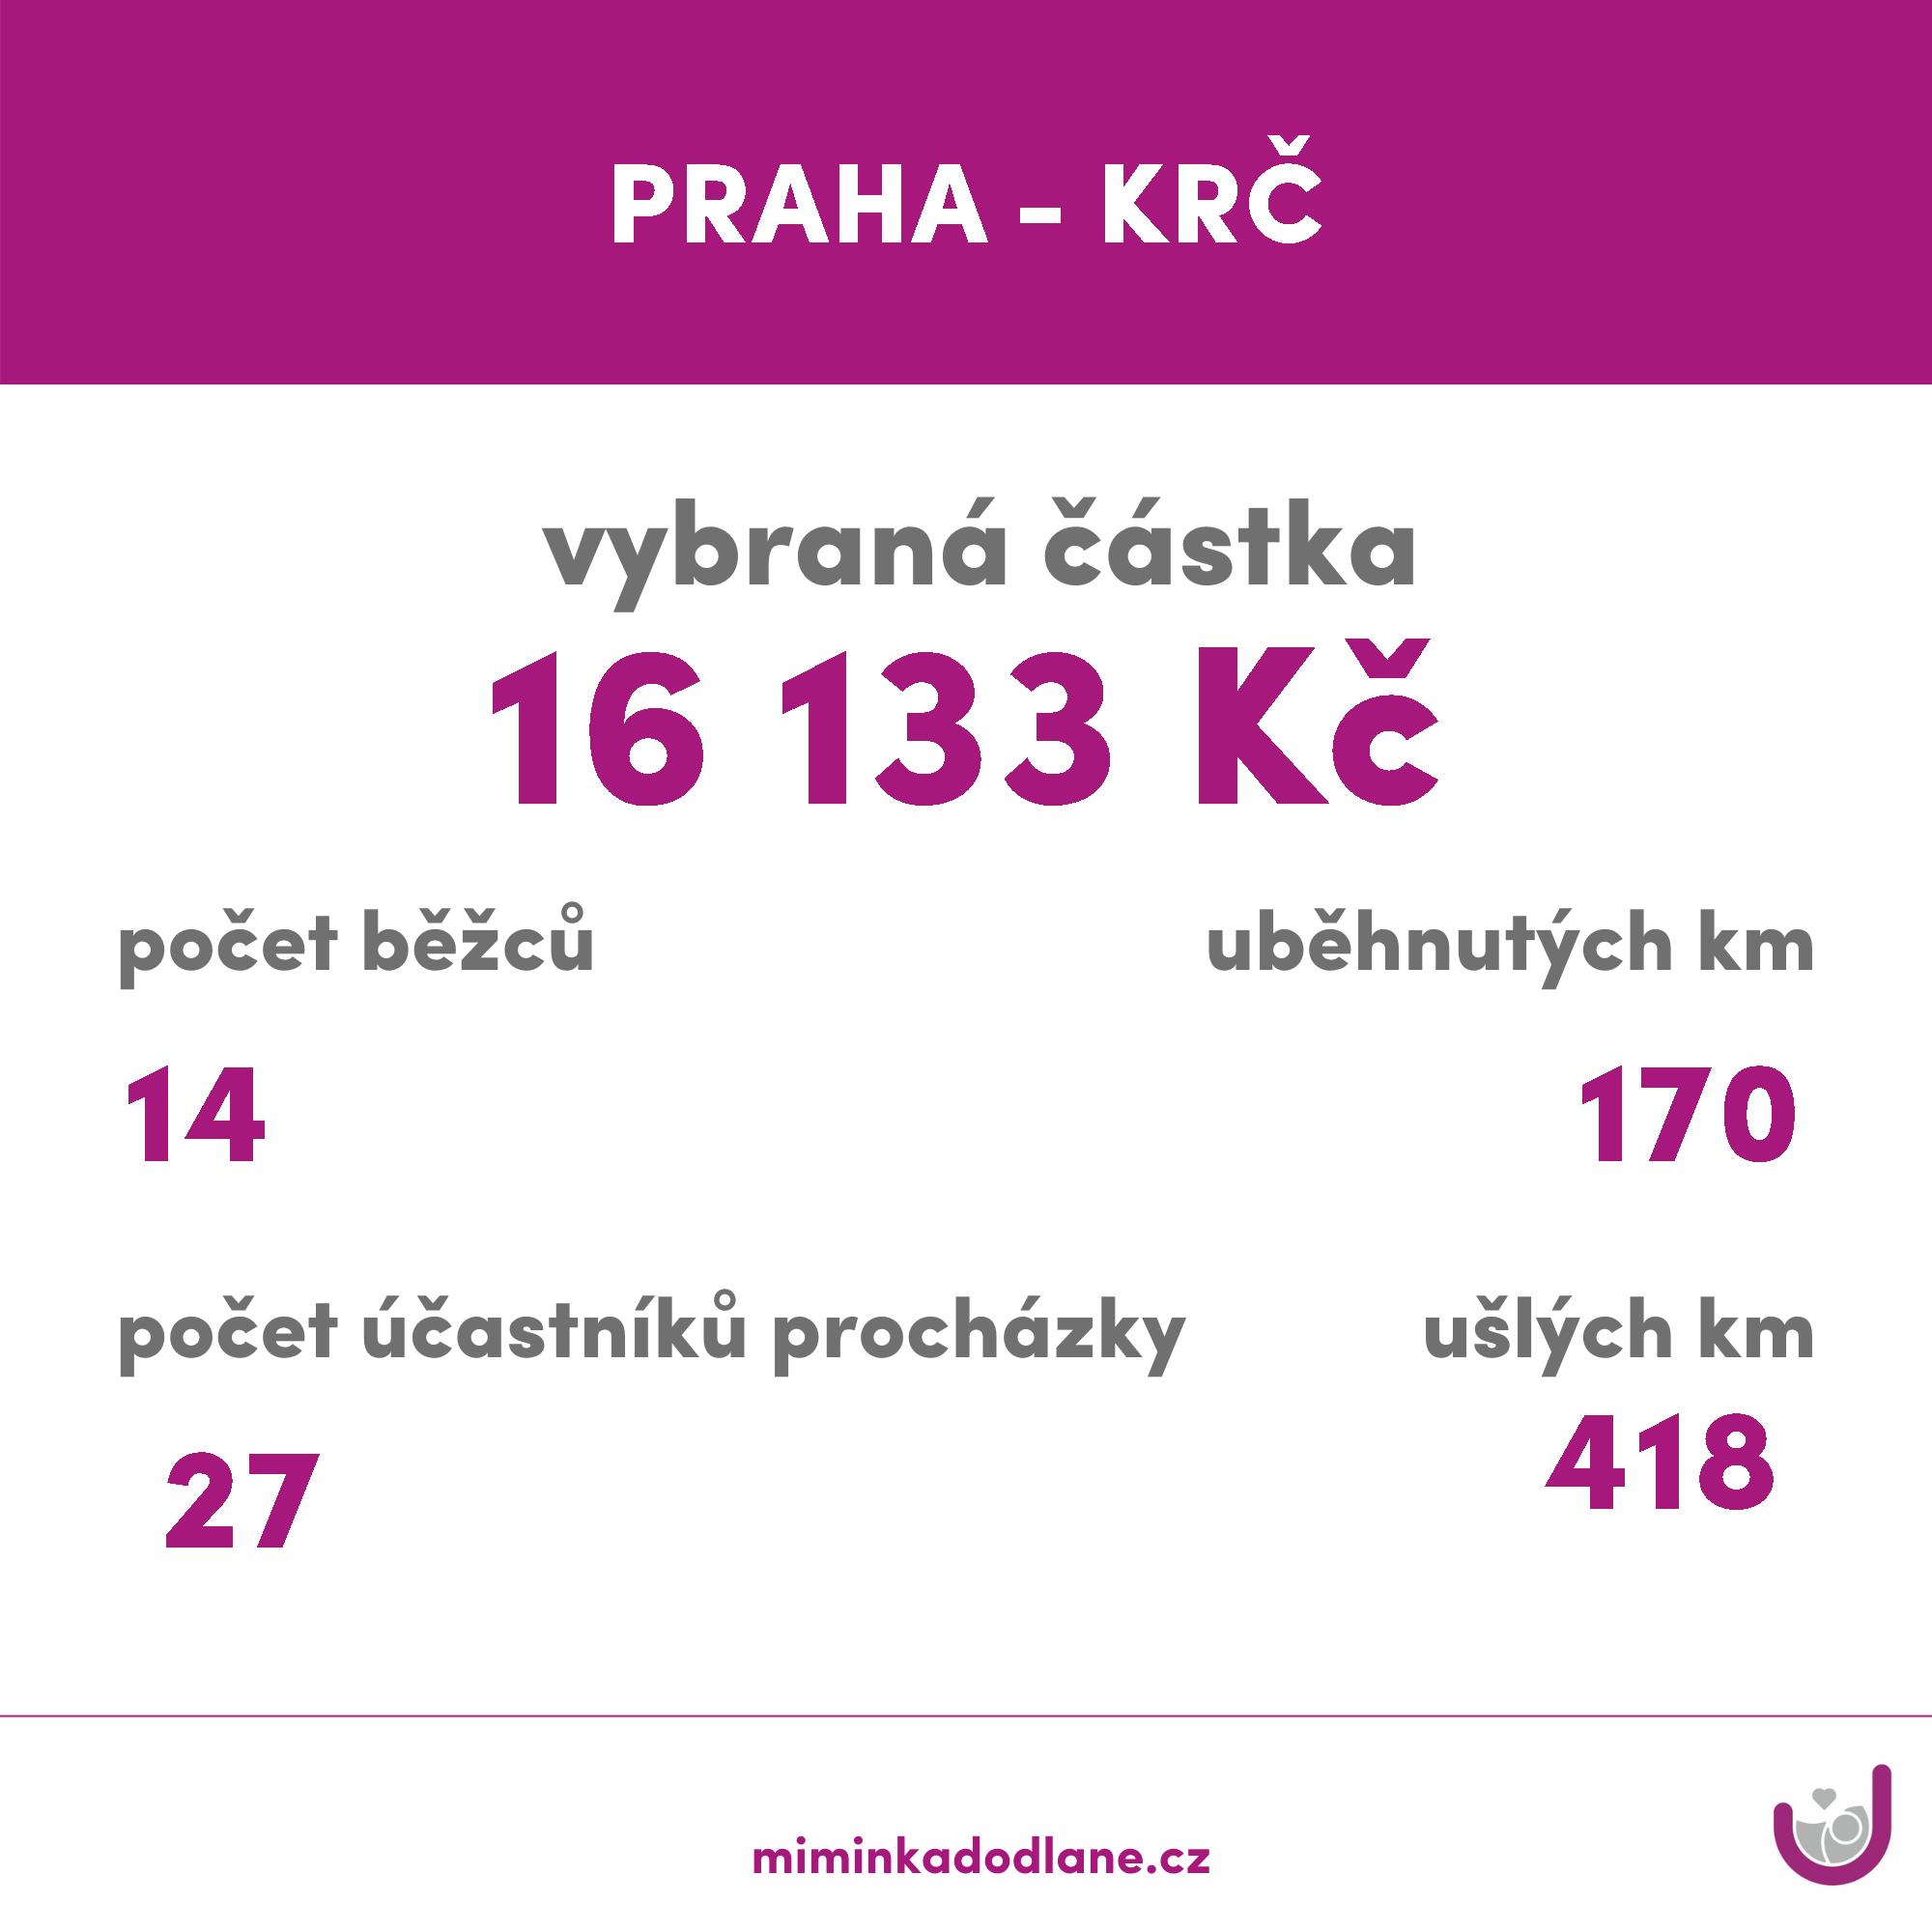 PRAHA - KRČ